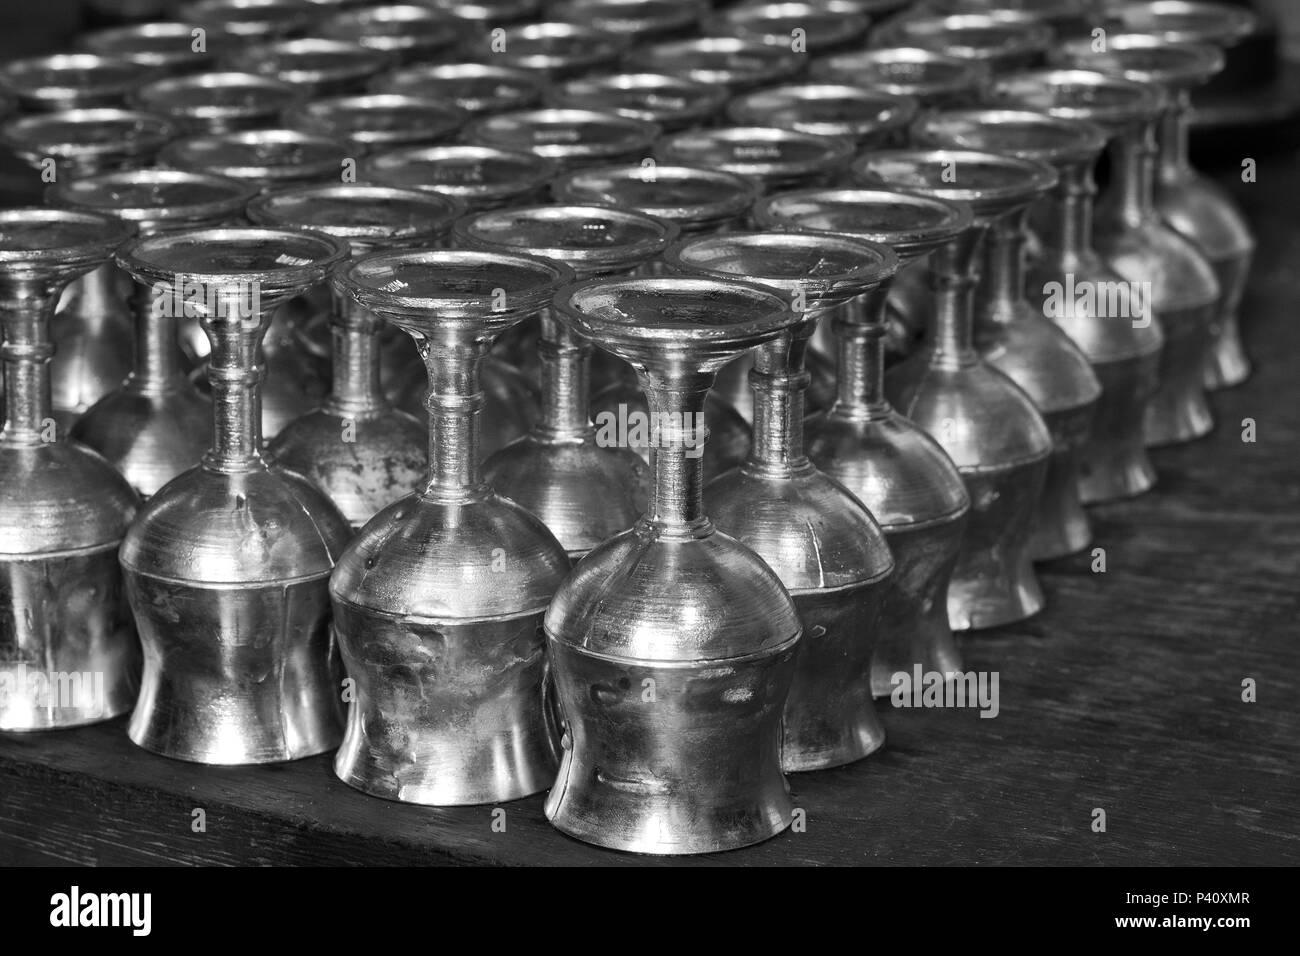 São João del Rei - MG Estanho elemento químico de símbolo Sn Taças de Estanho São João del Rei Minas Gerais Sudeste Brasil Immagini Stock